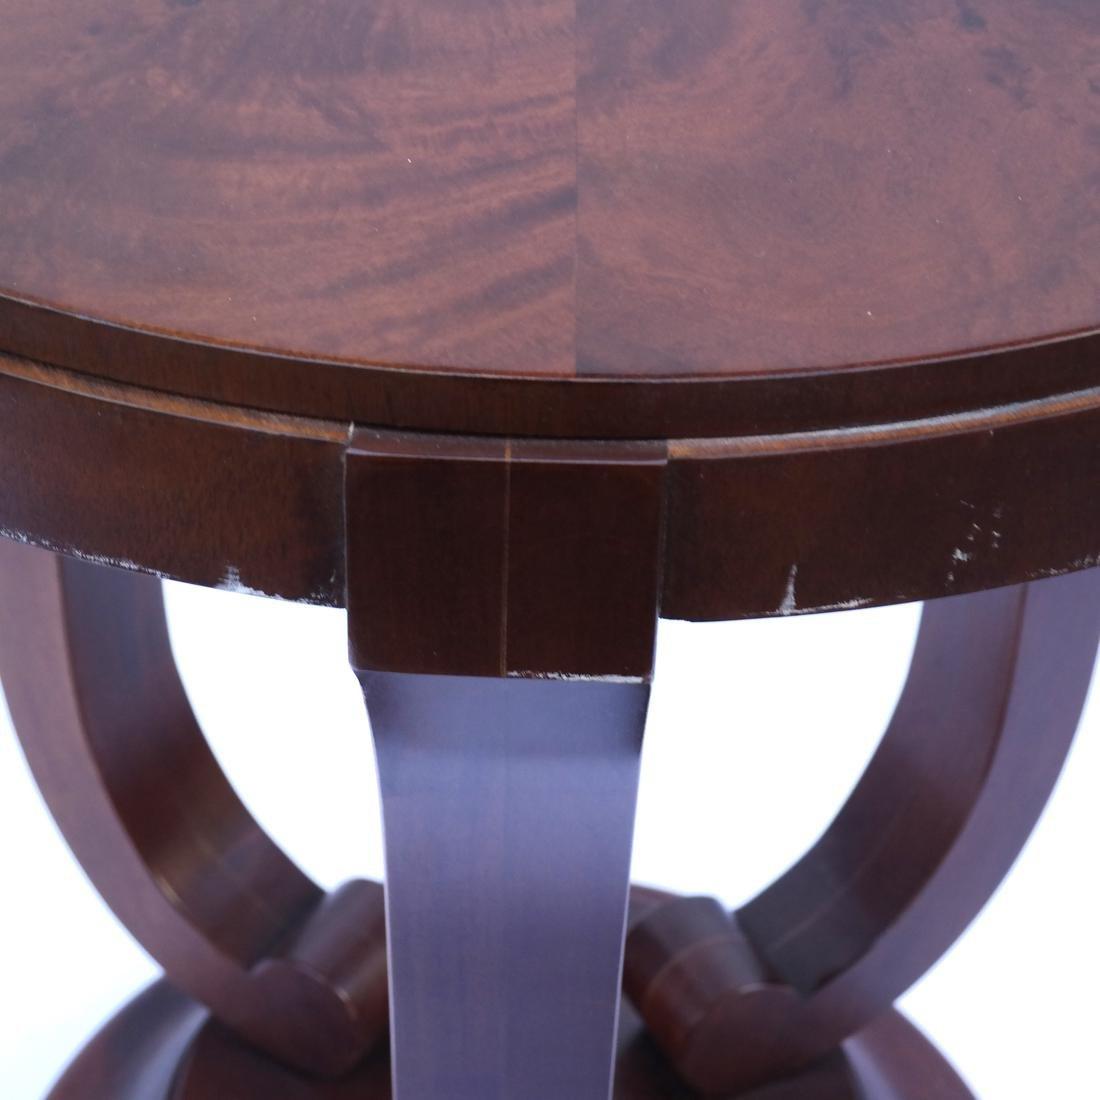 Contemporary Circular Table - 3